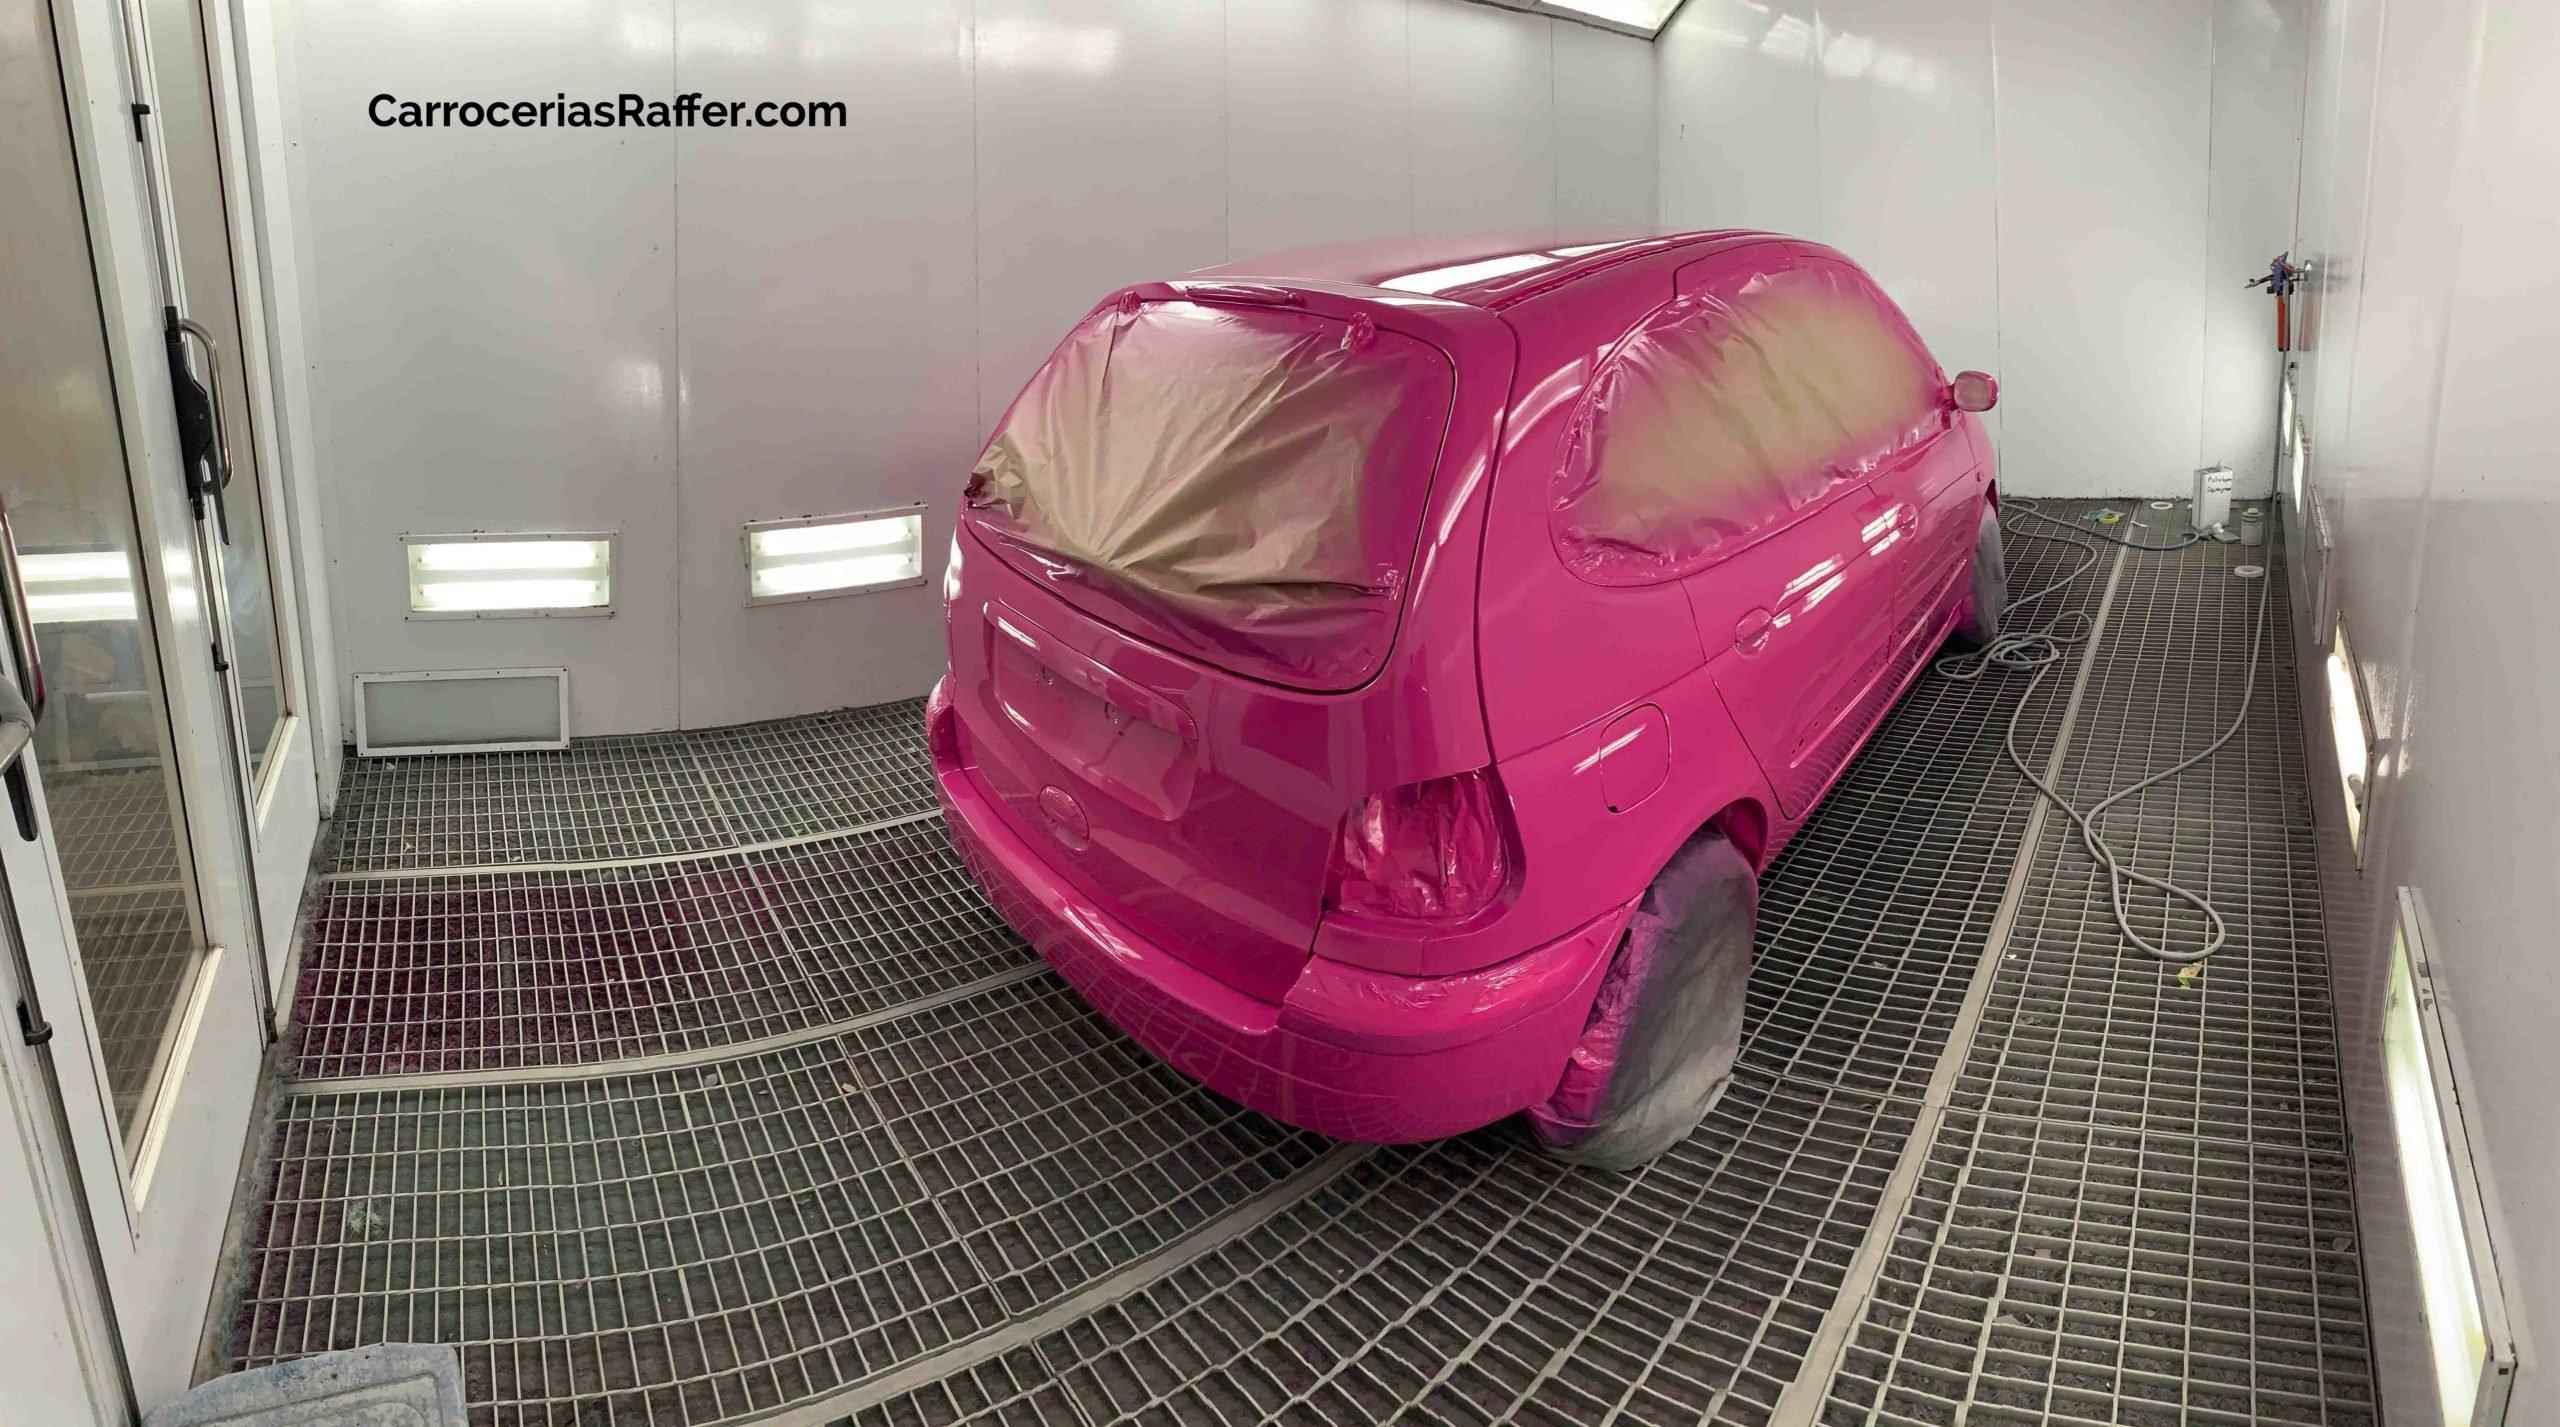 4 carrocerias raffer cambiar color coche pintar coche hernani gipuzkoa donostia san sebastian copia